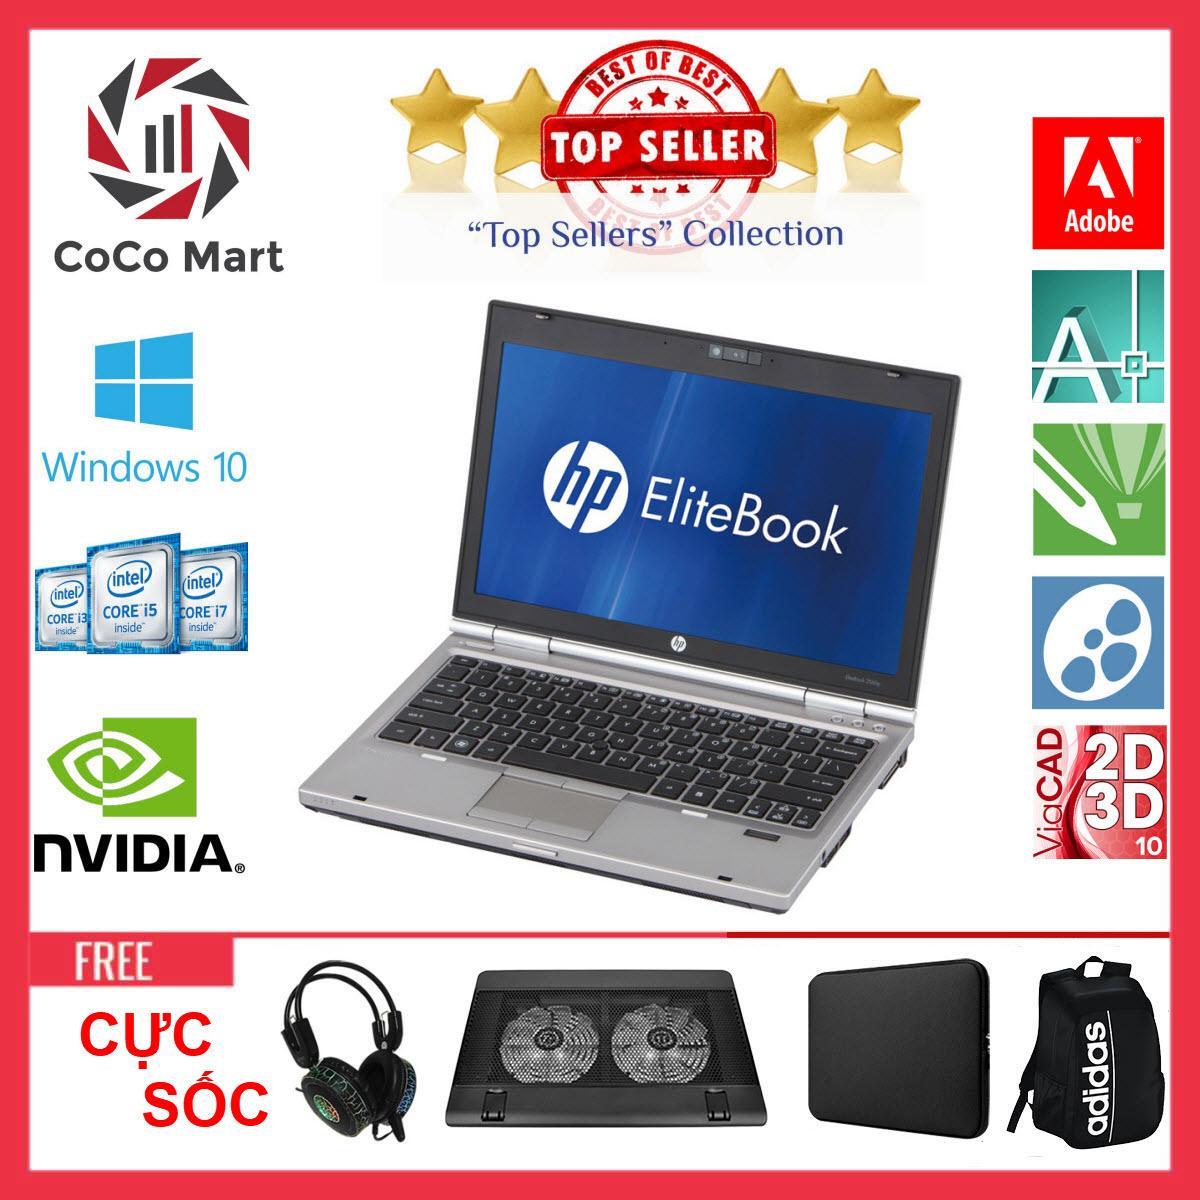 Laptop HP EliteBook 2560p Chạy CPU i5-2520M, 12.5inch, 16GB, HDD 1GB + Bộ Quà Tặng - Hàng Nhập Khẩu